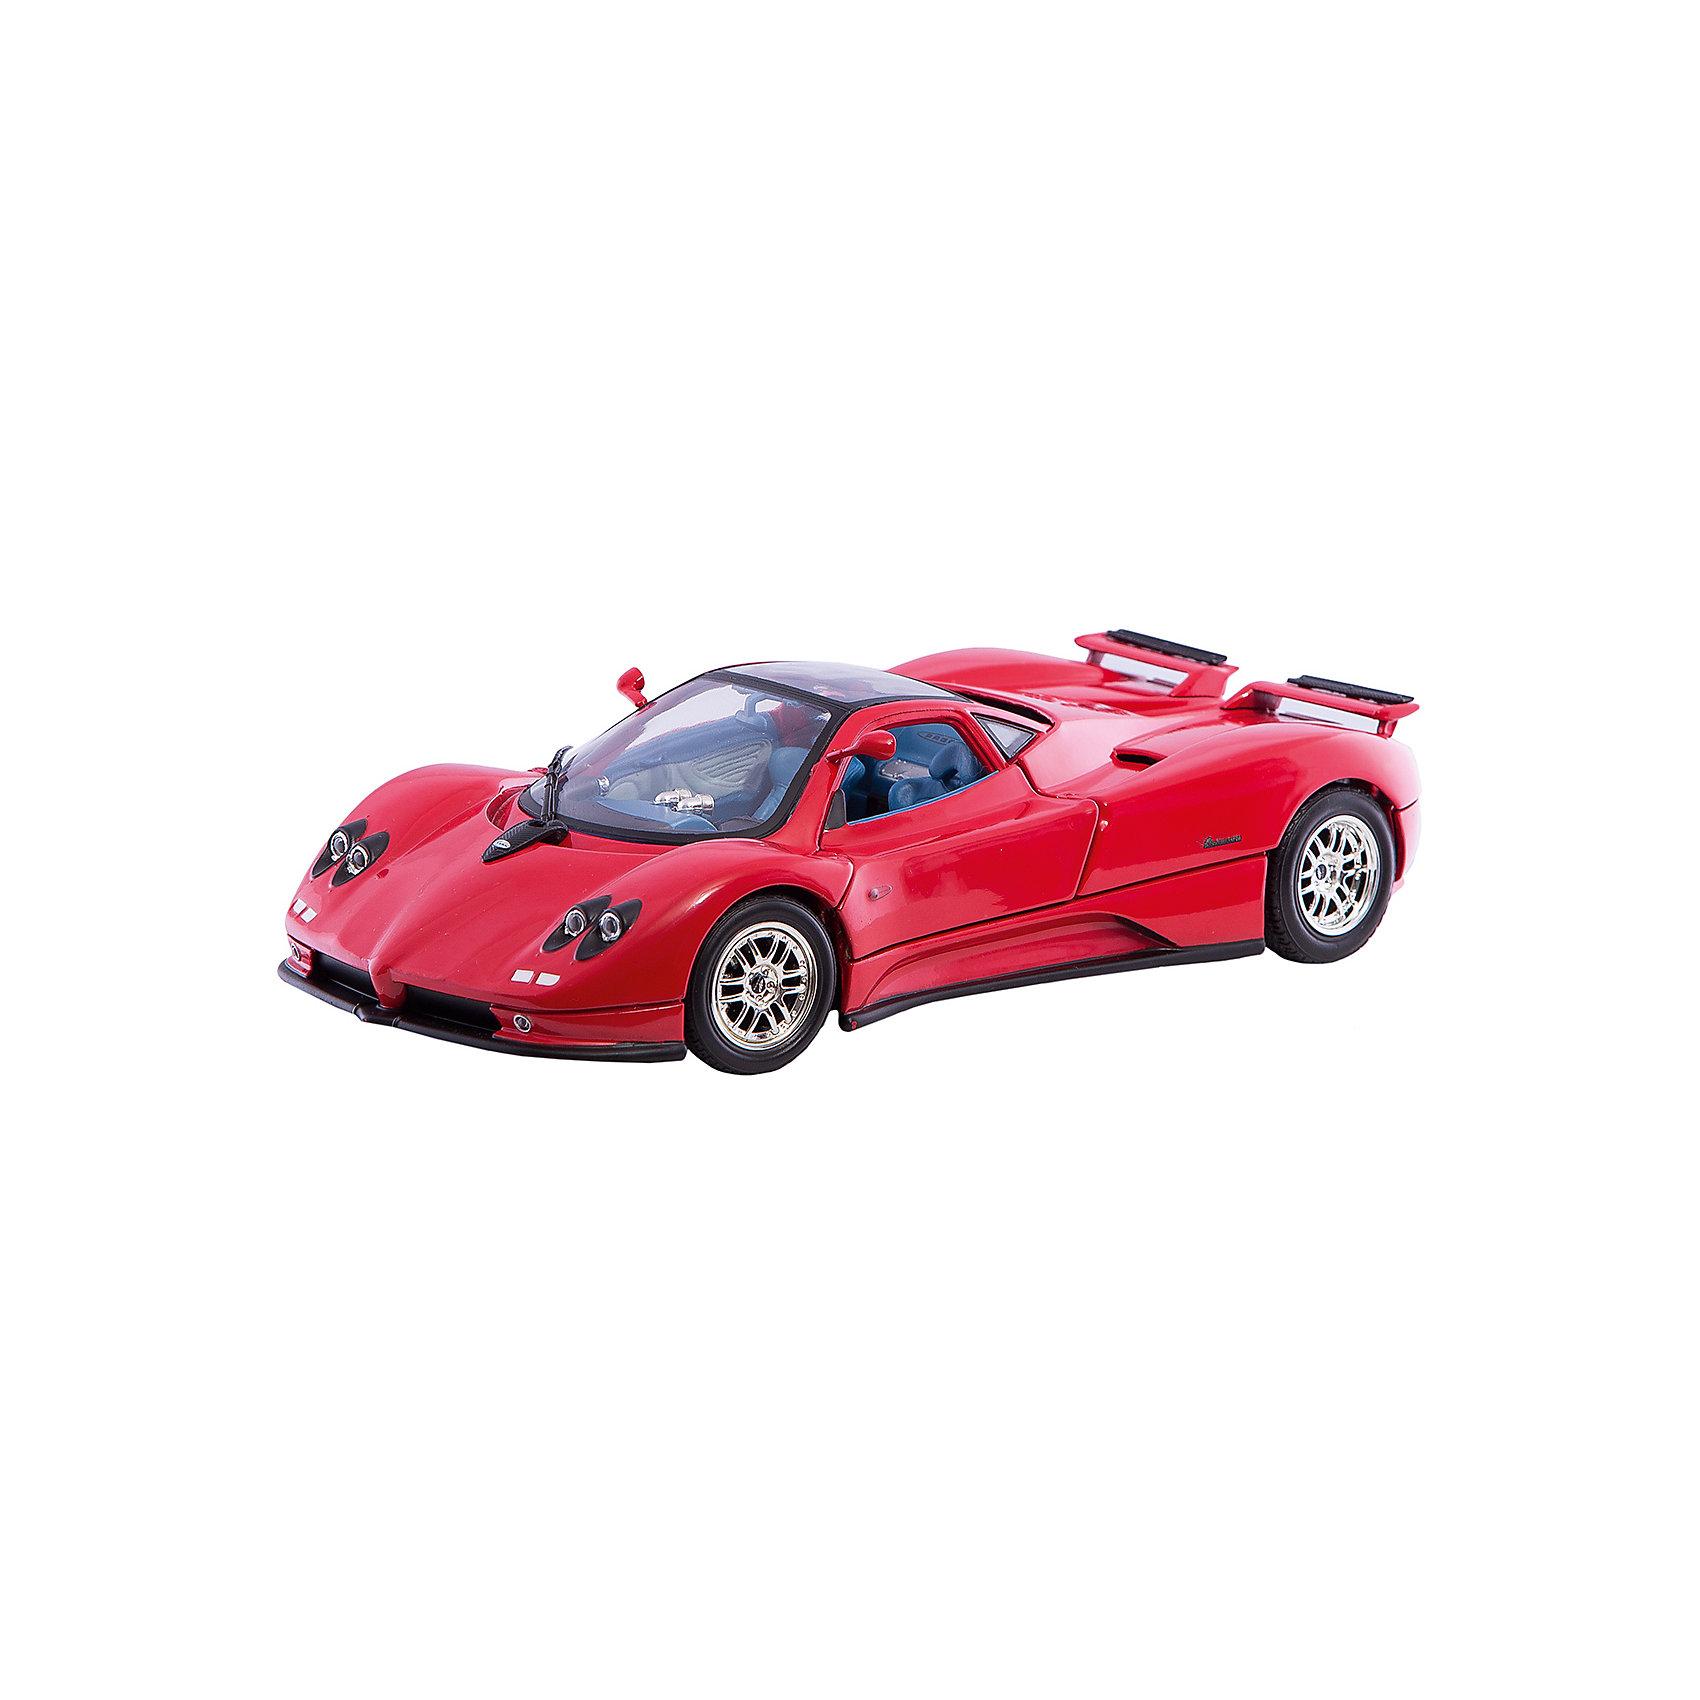 Машинка Pagani Zonda C12 1:18, AutotimeМашинки<br>Характеристики товара:<br><br>• цвет: черный, серебристый<br>• возраст: от 3 лет<br>• материал: металл, пластик<br>• масштаб: 1:18<br>• колеса поворачиваются<br>• открывается капот и багажник<br>• двери открываются<br>• размер упаковки: 12х31х16 см<br>• вес с упаковкой: 300 г<br>• страна бренда: Россия, Китай<br>• страна изготовитель: Китай<br><br>Эта модель представляет собой миниатюрную копию реально существующей машины. Она отличается высокой детализацией, является коллекционной моделью. <br><br>Сделана машинка из прочного и безопасного материала. Корпус - из металла. Благодаря прозрачным стеклам виден подробно проработанный салон.<br><br>Машинку «Pagani Zonda C12 1:18», Autotime (Автотайм) можно купить в нашем интернет-магазине.<br><br>Ширина мм: 350<br>Глубина мм: 158<br>Высота мм: 120<br>Вес г: 15<br>Возраст от месяцев: 36<br>Возраст до месяцев: 2147483647<br>Пол: Мужской<br>Возраст: Детский<br>SKU: 5584121